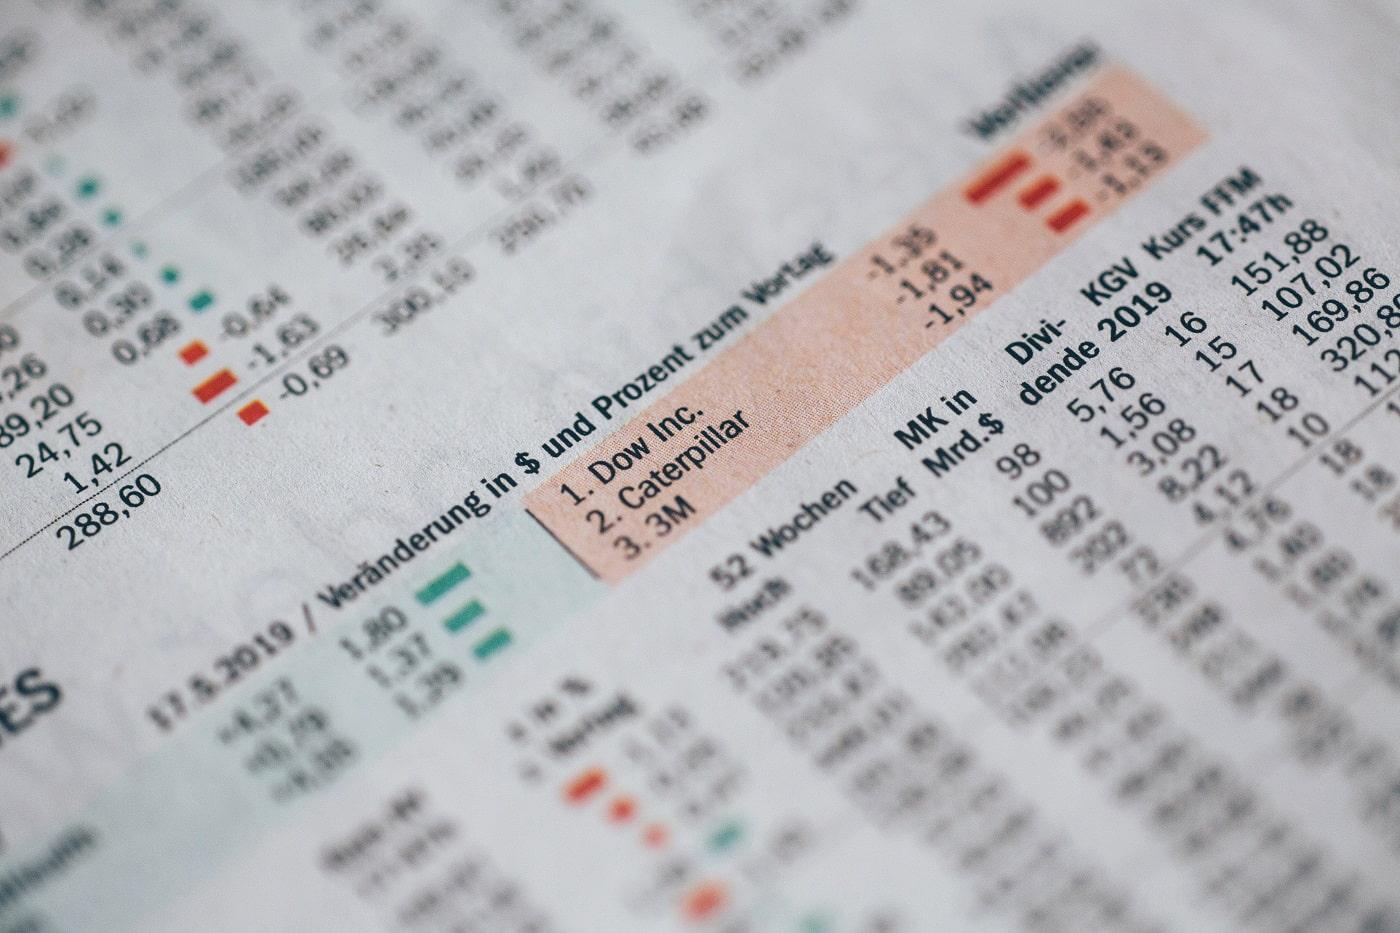 米国株で長期投資にふさわしい銘柄の選び方5つ